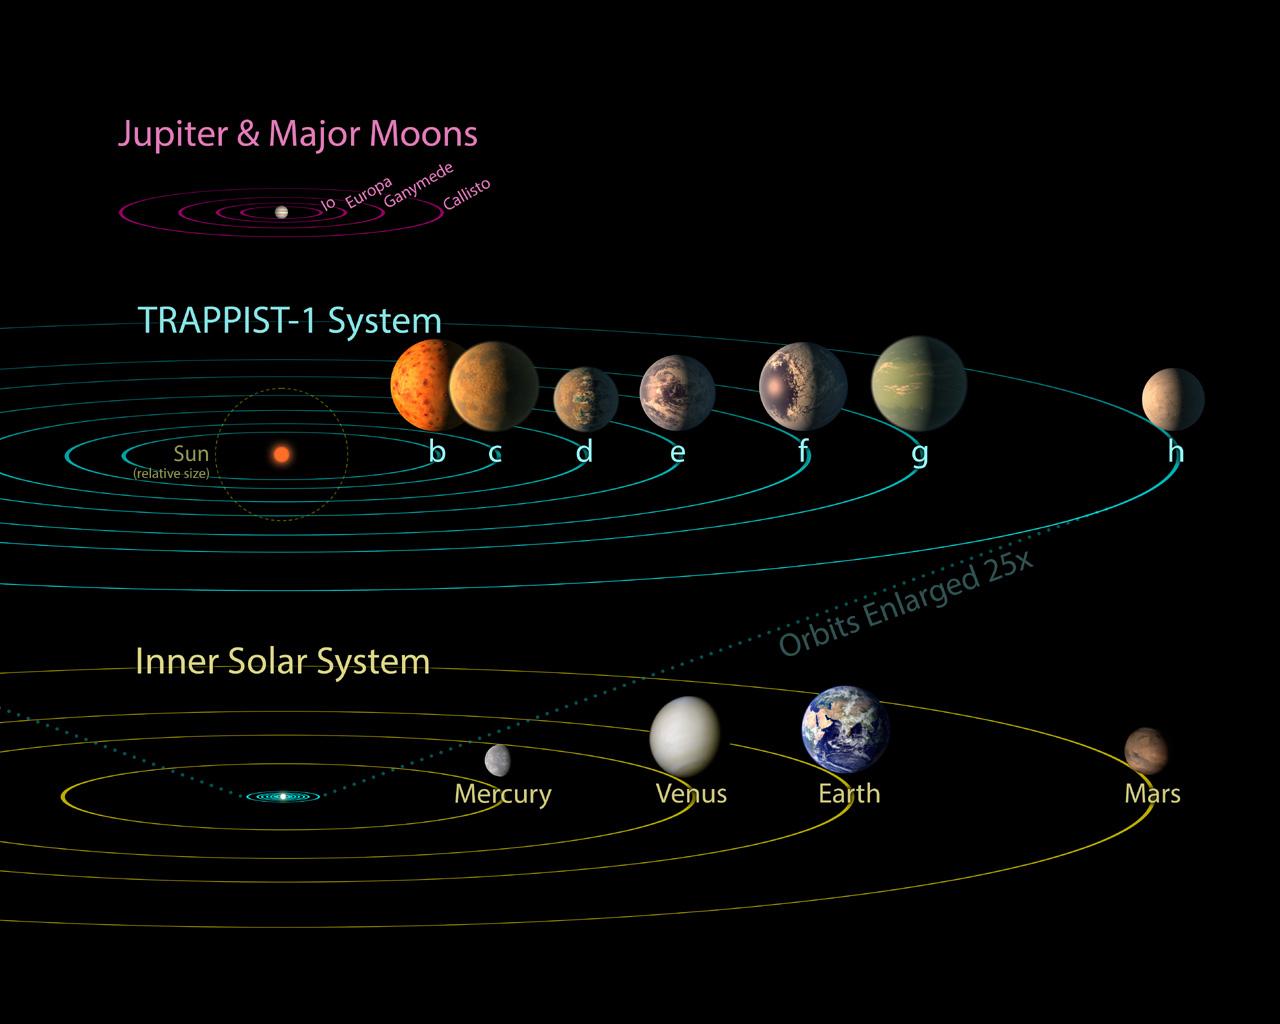 planeta2.jpg (223.79 Kb)